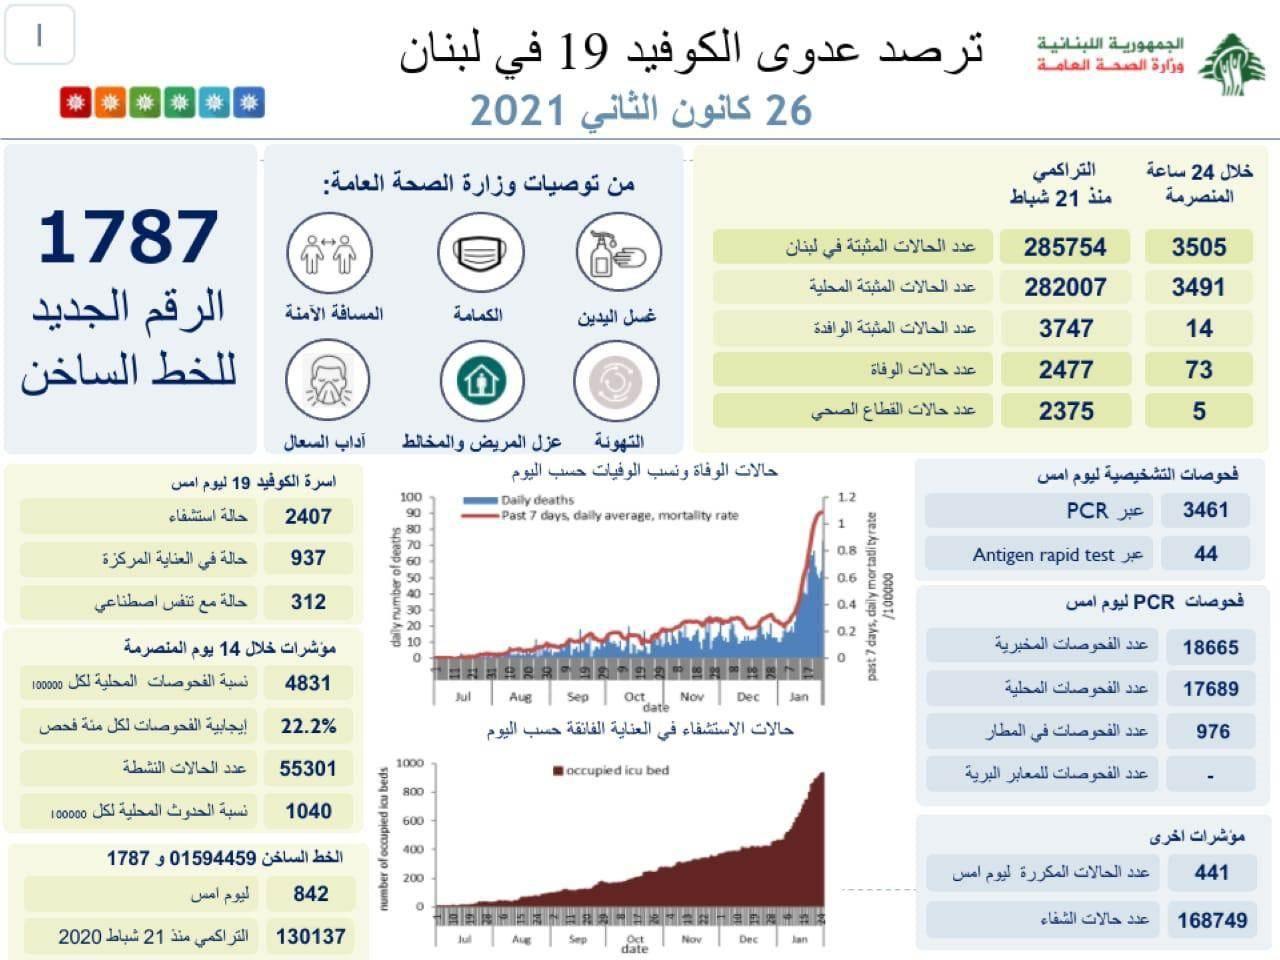 وزارة الصحة: 73 حالة وفاة و3505 إصابات جديدة بفيروس